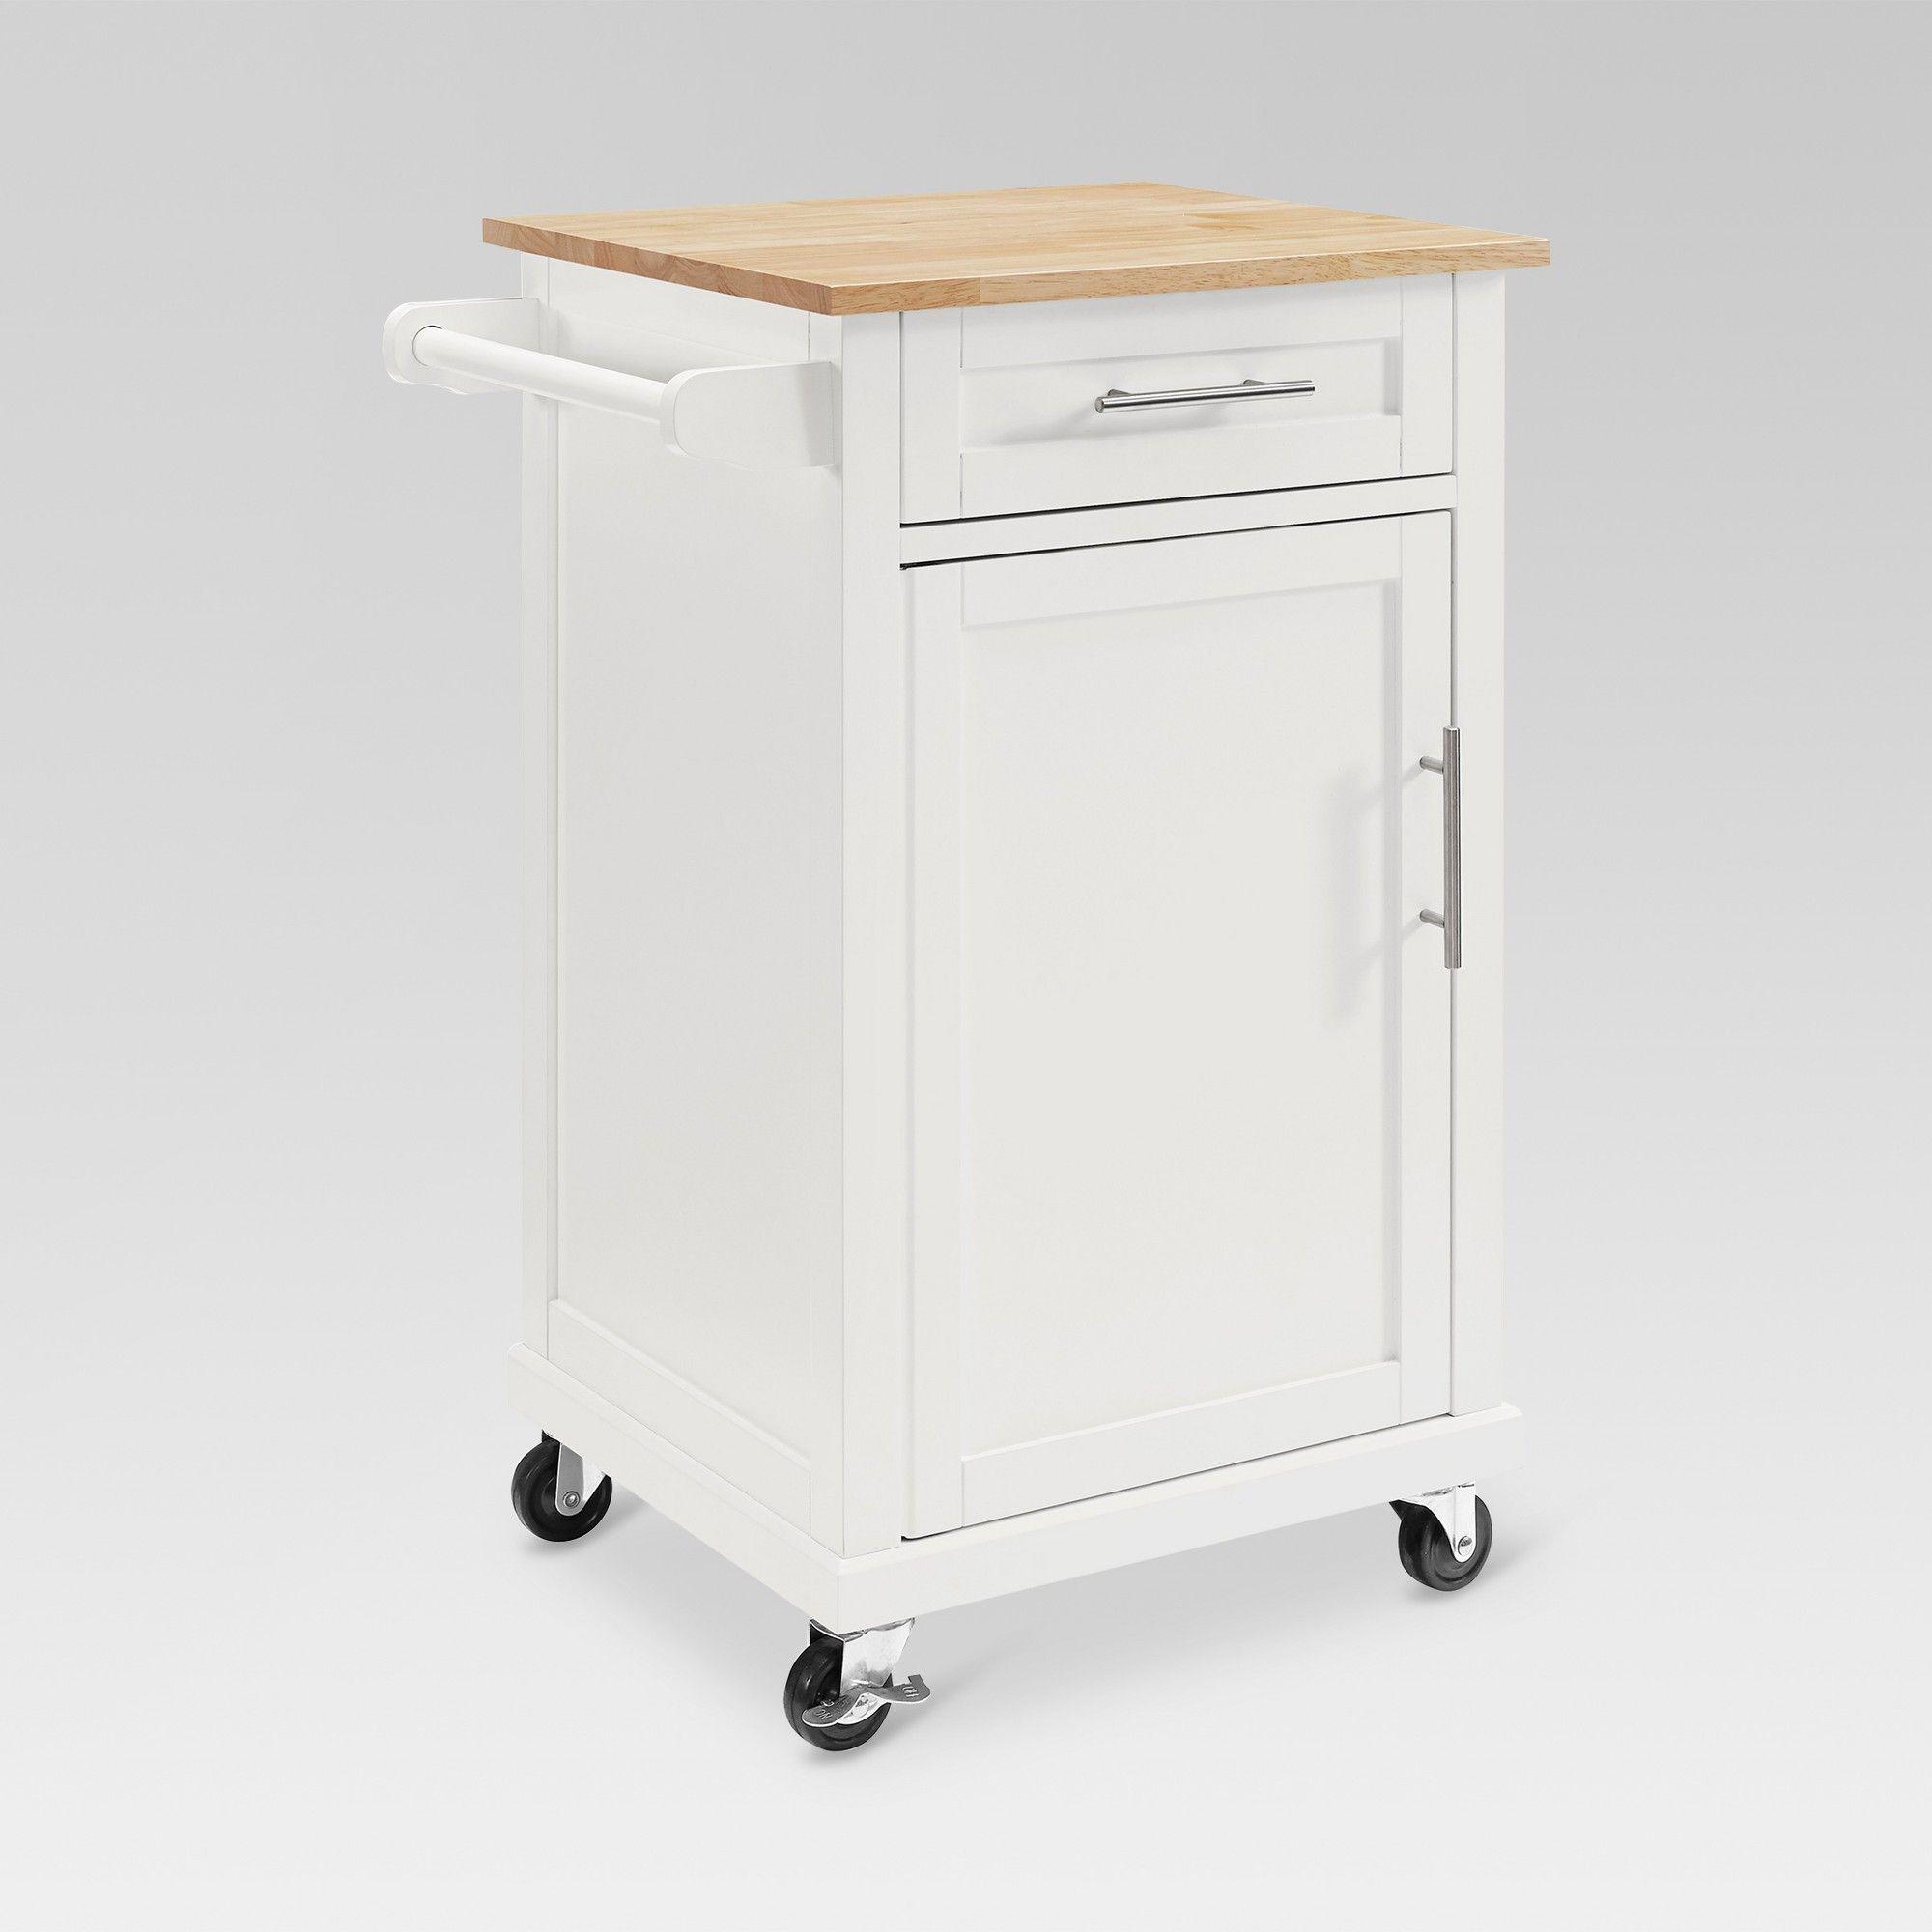 Peachy Carey Small Kitchen Cart White Threshold Kitchen Cart Unemploymentrelief Wooden Chair Designs For Living Room Unemploymentrelieforg